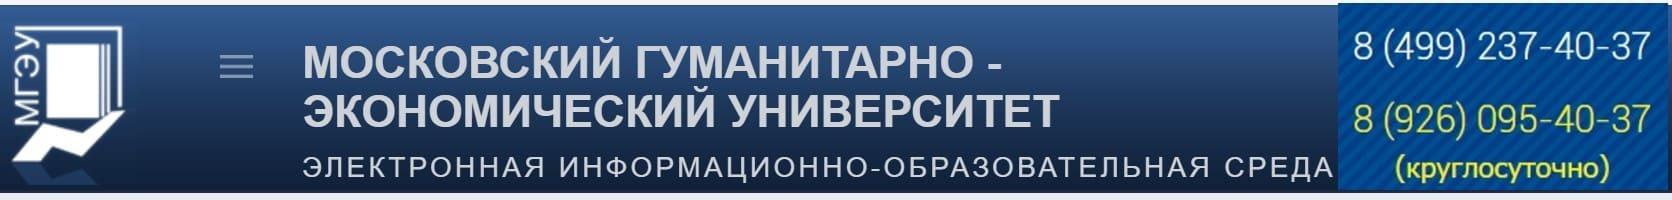 Сайт образовательного портала МГЭУ